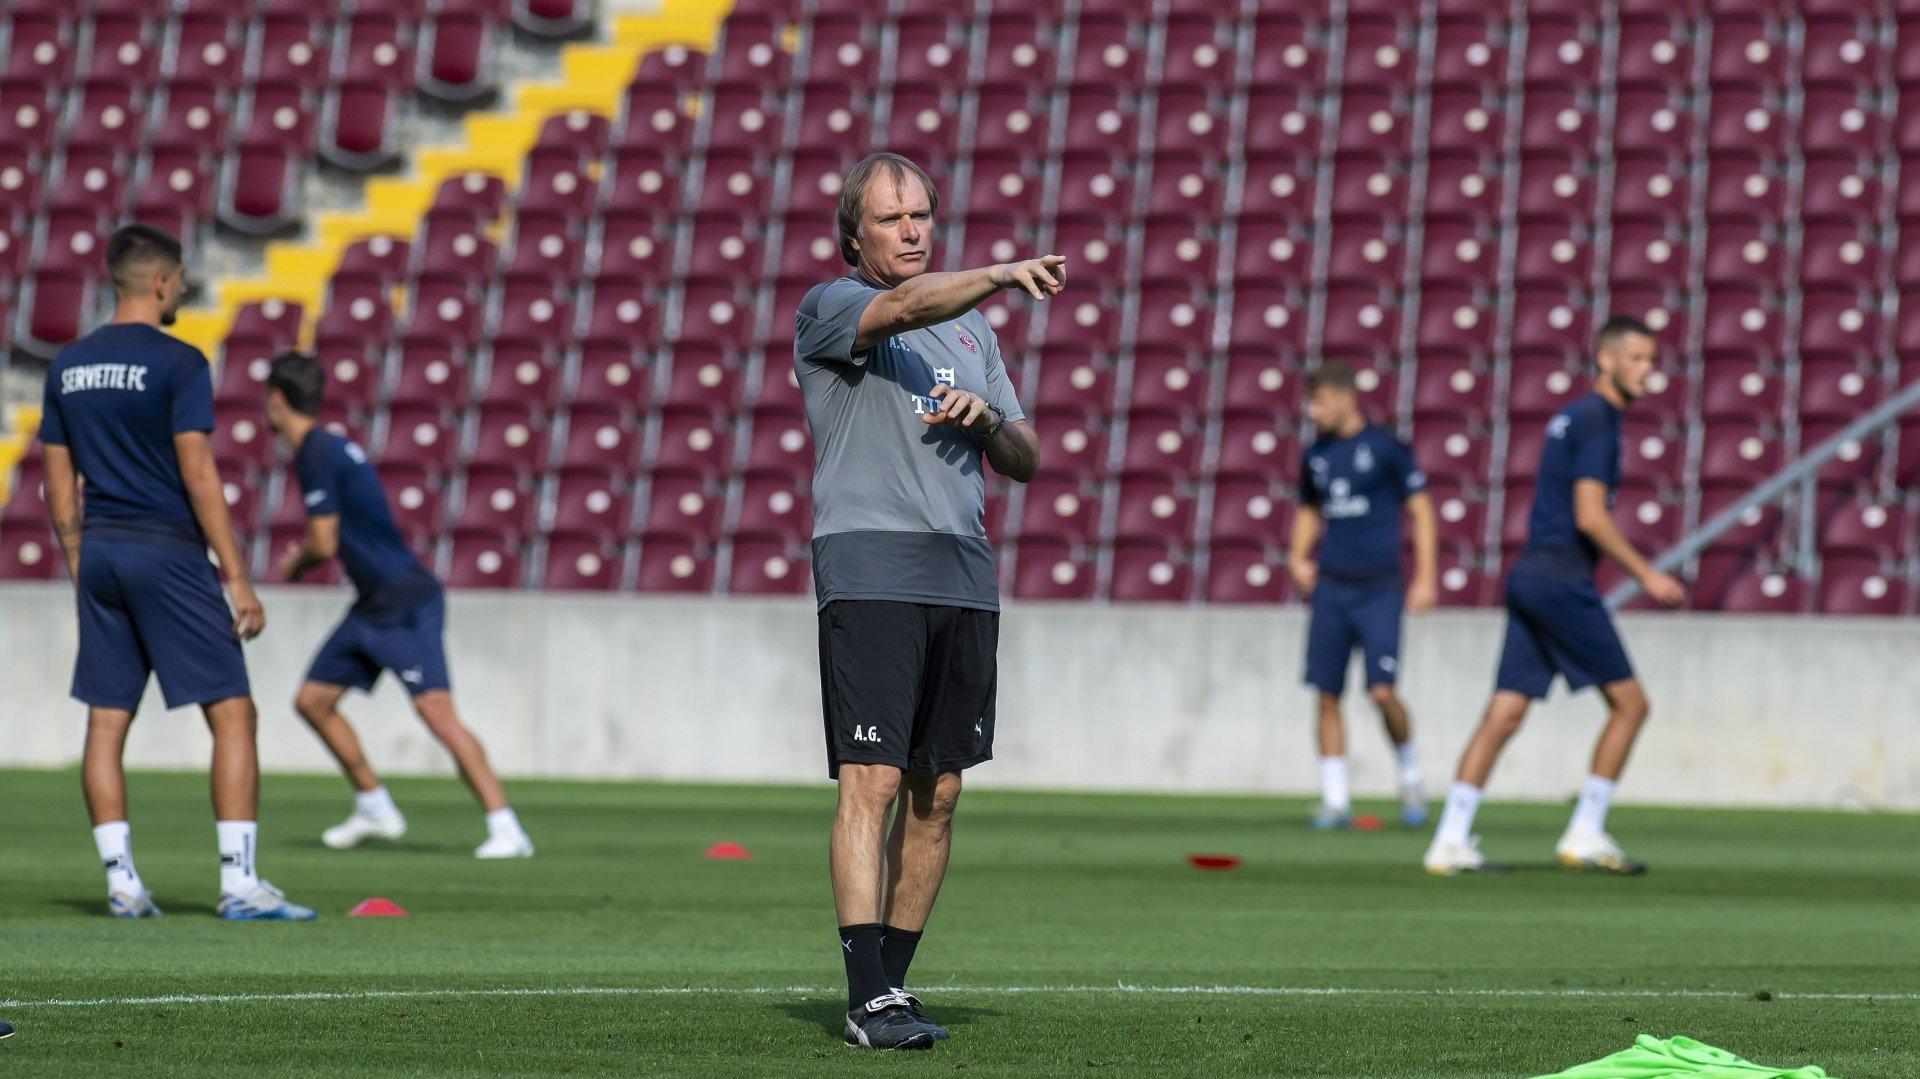 Alain Geiger oriente les joueurs du Servette FC lors d'un entraînement au stade de la Praille.